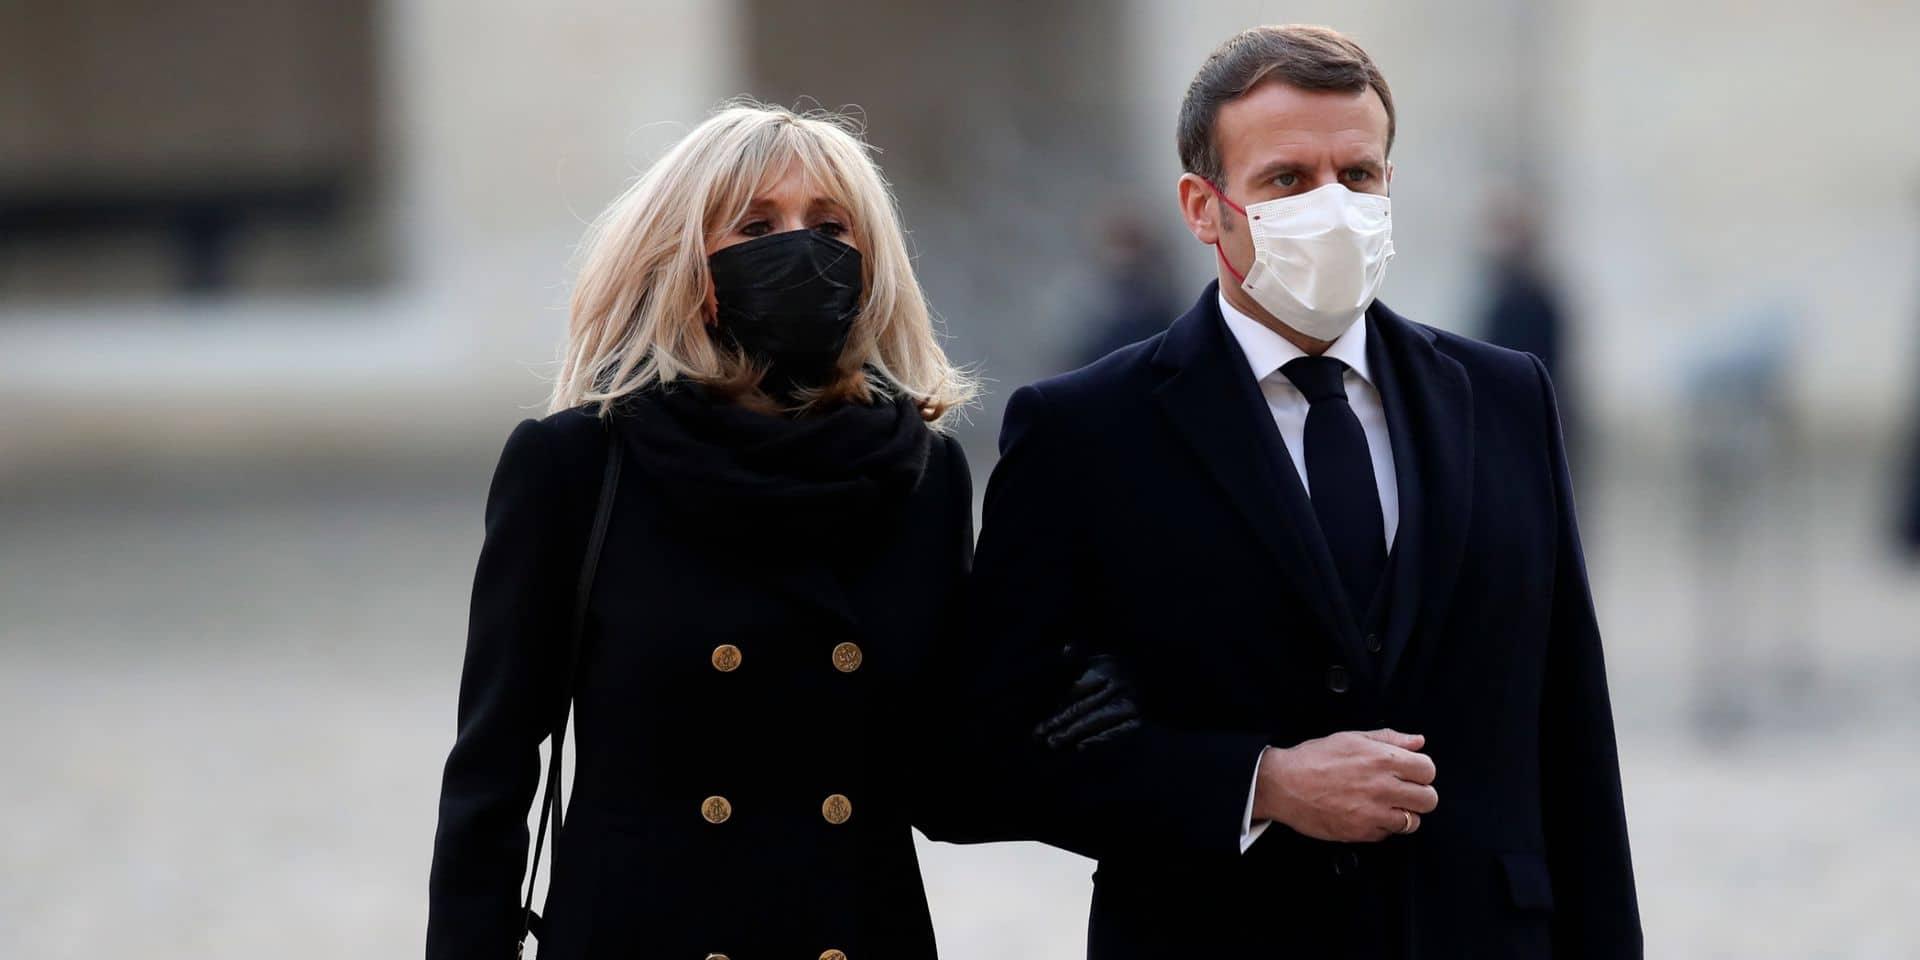 Brigitte Macron secrètement testée positive au Covid en décembre : pourquoi l'Elysée n'a pas communiqué sur le sujet